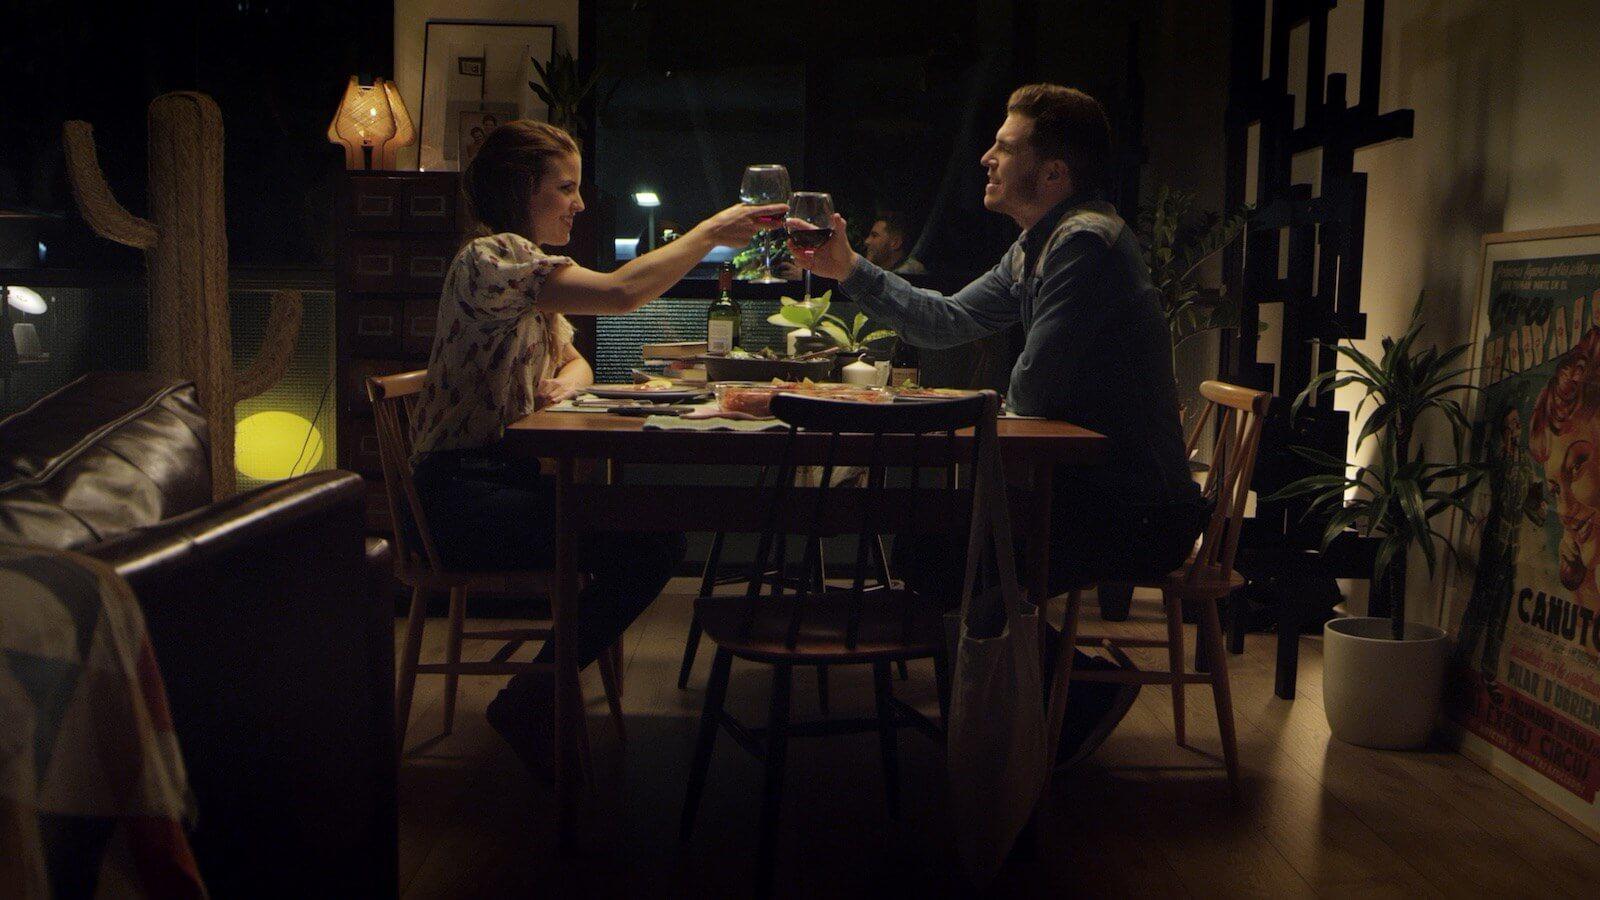 Image Still from Short Film #SuperinLove